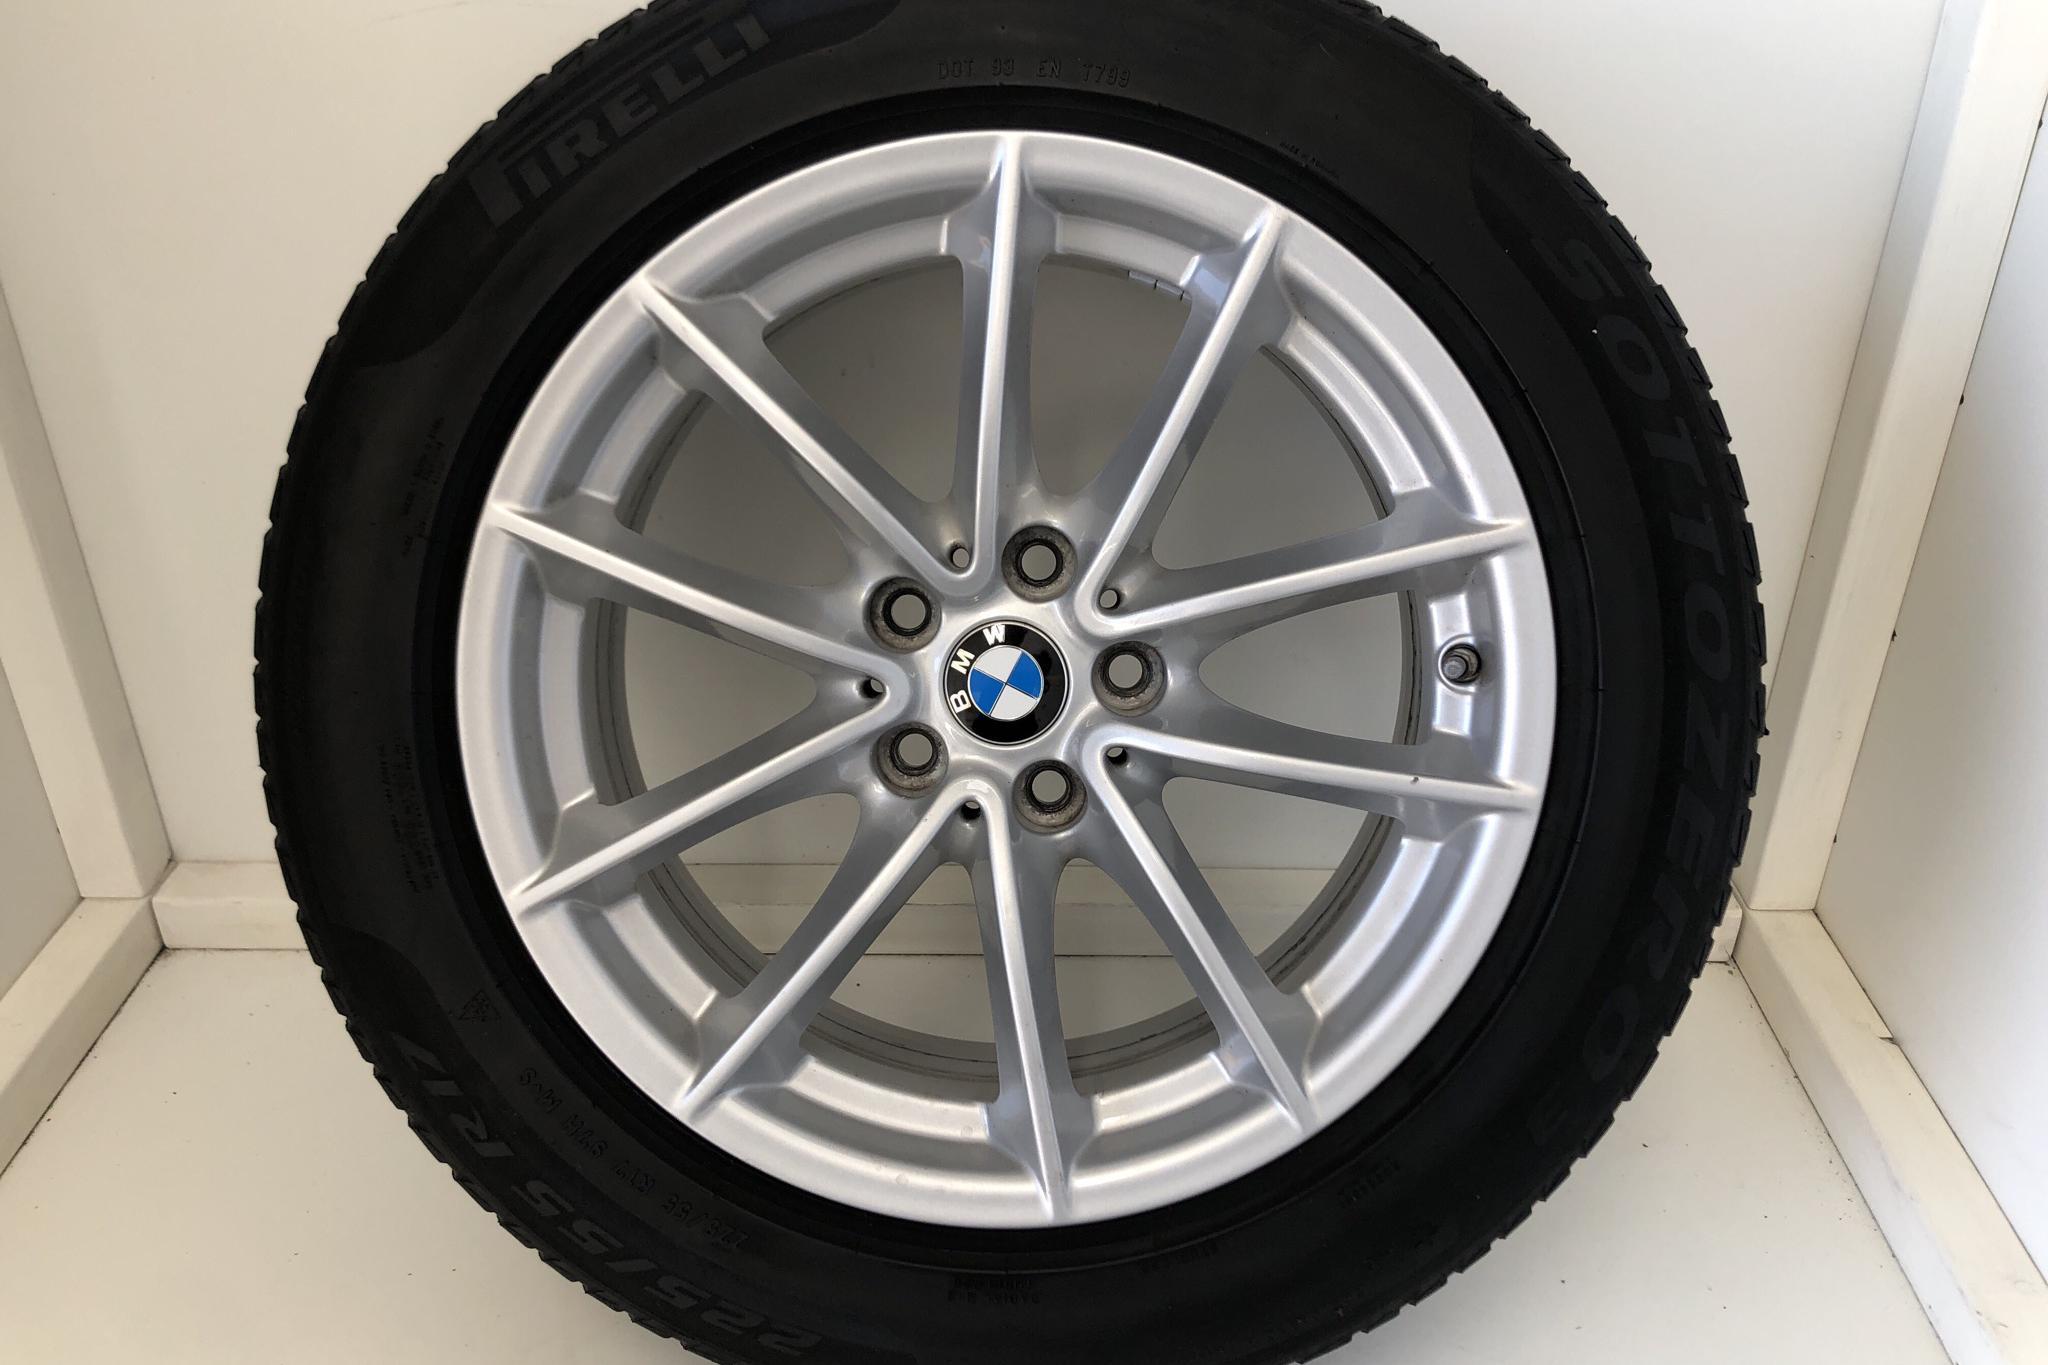 BMW 520d xDrive Touring, G31 (190hk) - 89 210 km - Automatic - black - 2018